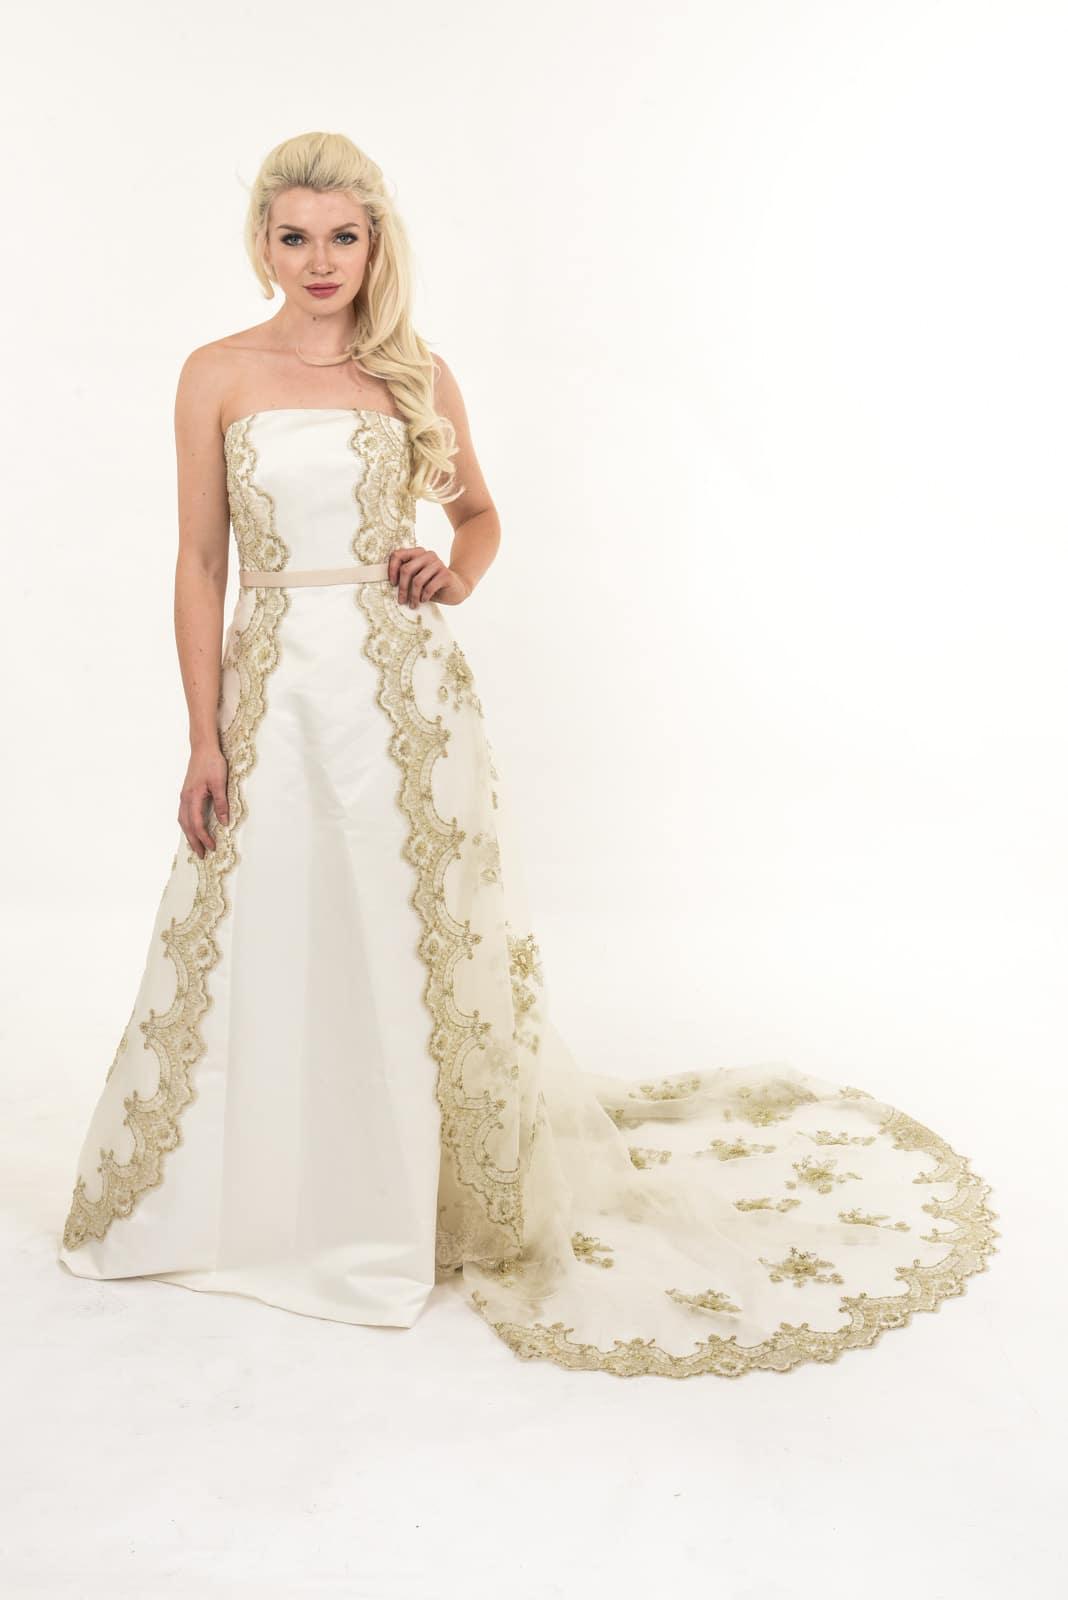 Trelan Bride Wedding Dress In Cream And Gold Dressxchange